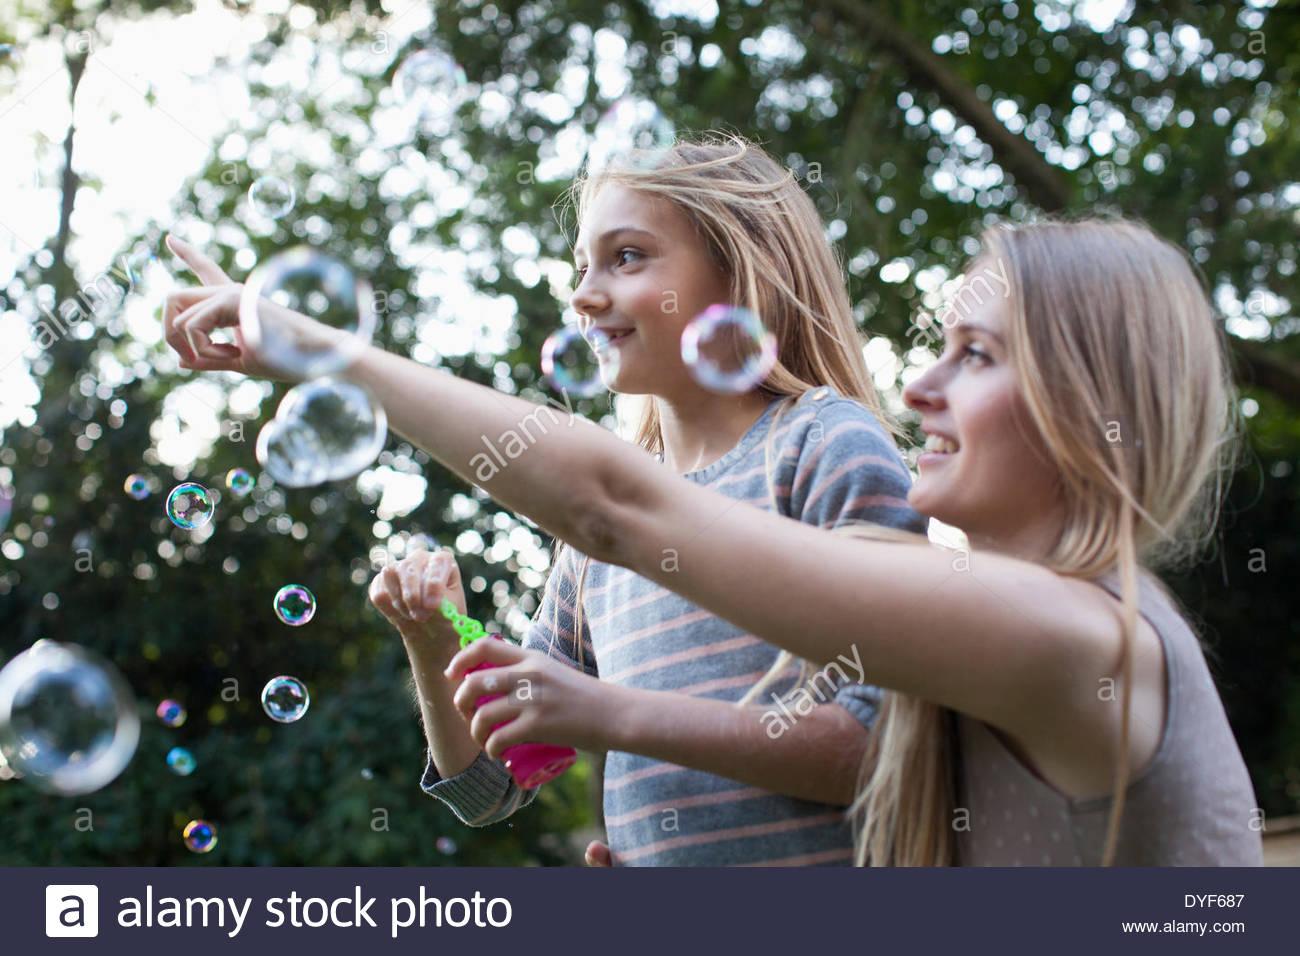 Madre e hija soplando burbujas debajo de árbol Imagen De Stock